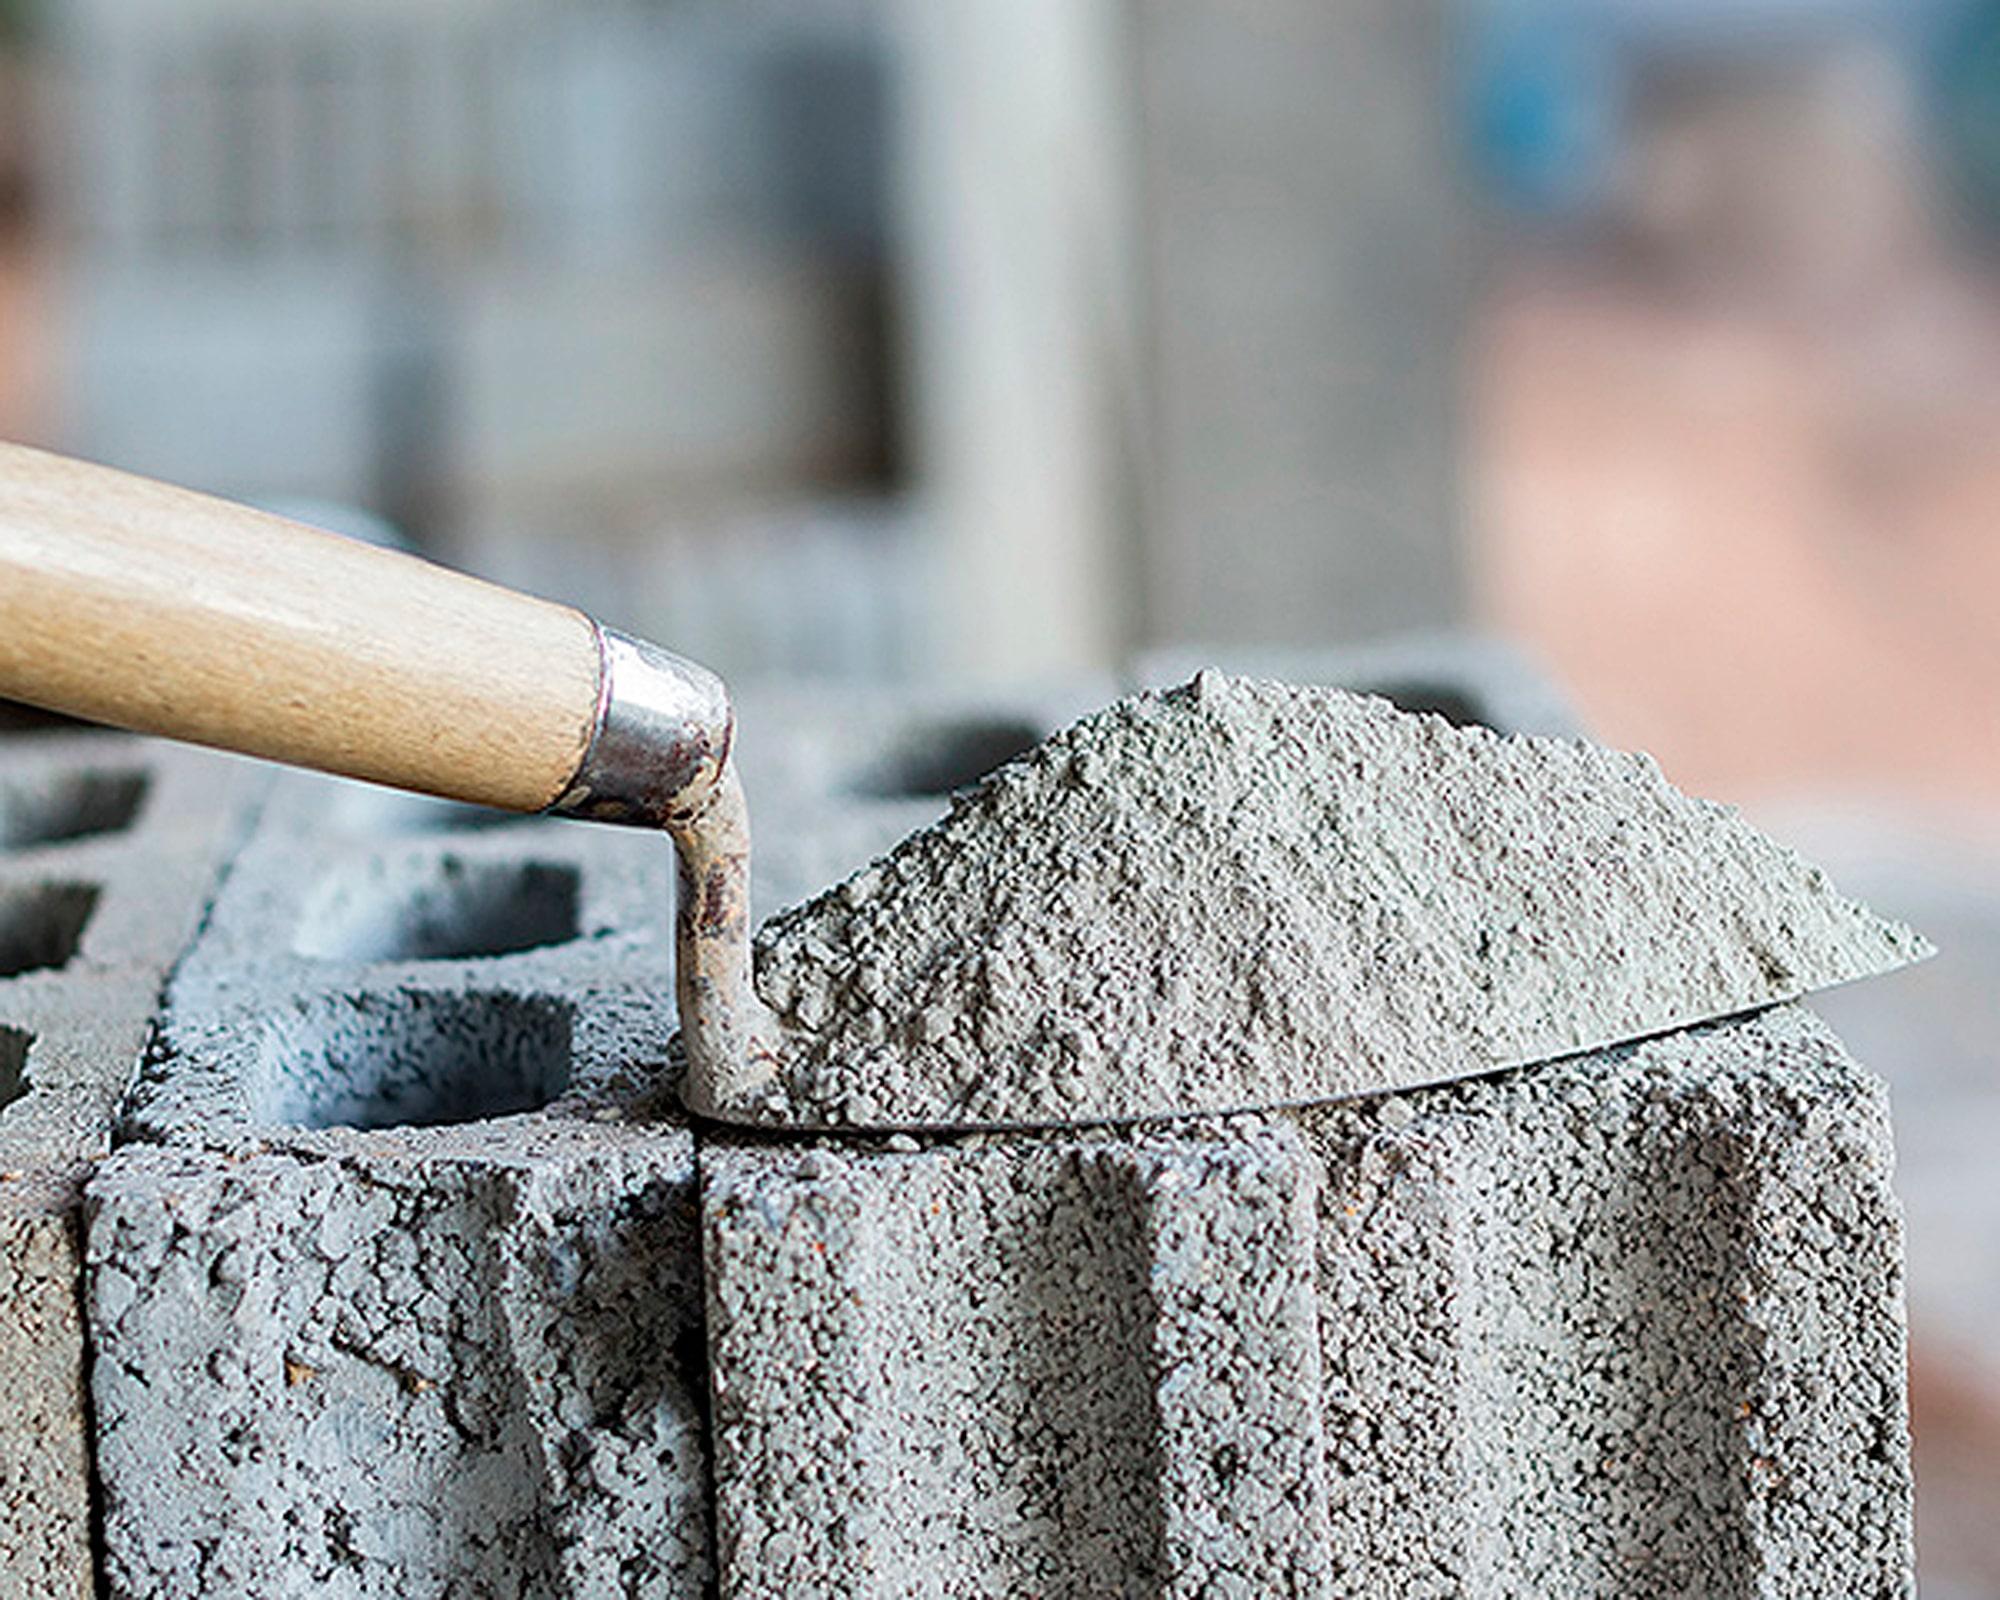 Consumo de Cimento Portland é impulsionado pela autoconstrução e pelo auxílio emergencial, diz IBGE Crédito: Banco de Imagens